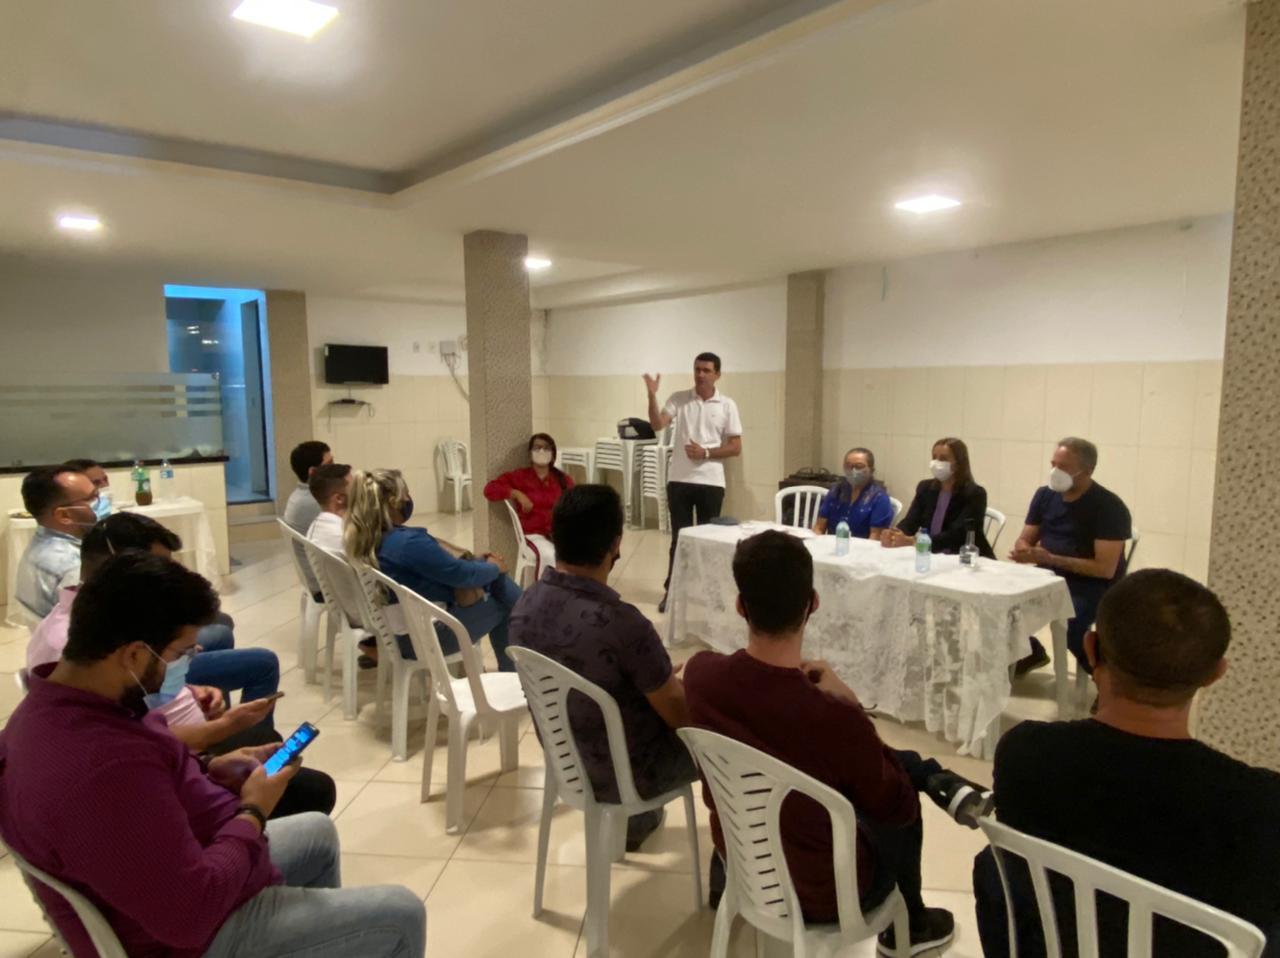 WhatsApp Image 2021 07 30 at 08.49.47 2 - Grupo de filiados ao Podemos de Campina Grande se reúne para definir rumos e estratégias futuras